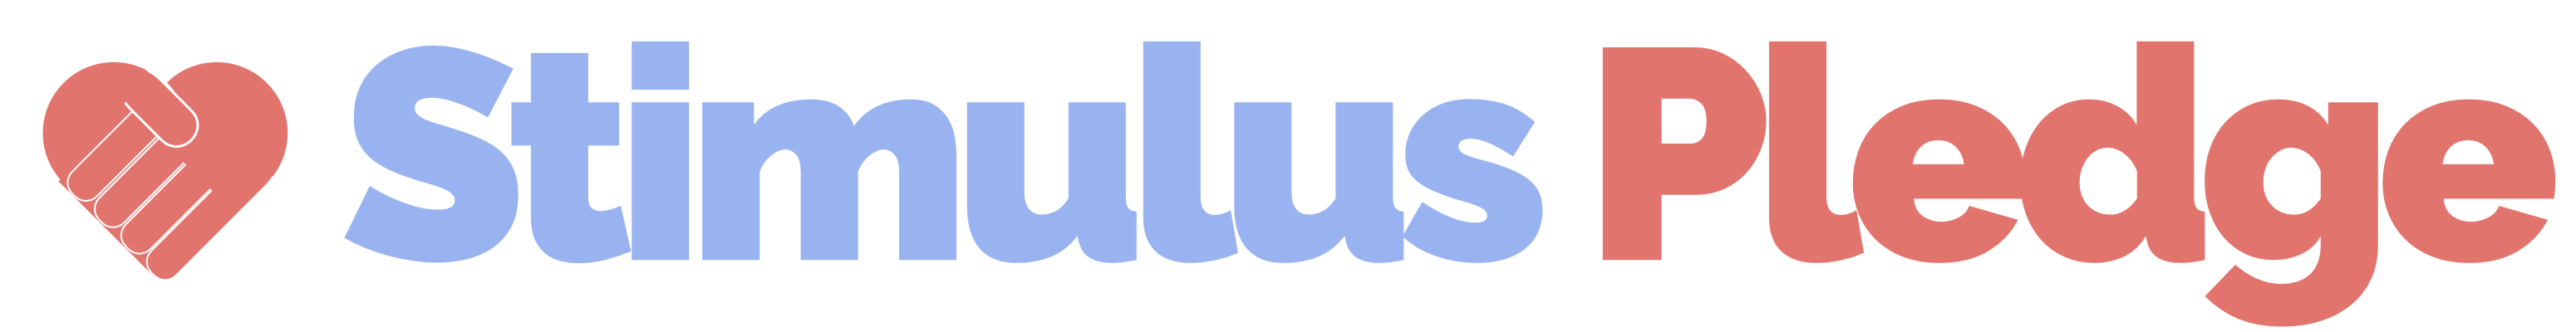 StimulusPledge.org